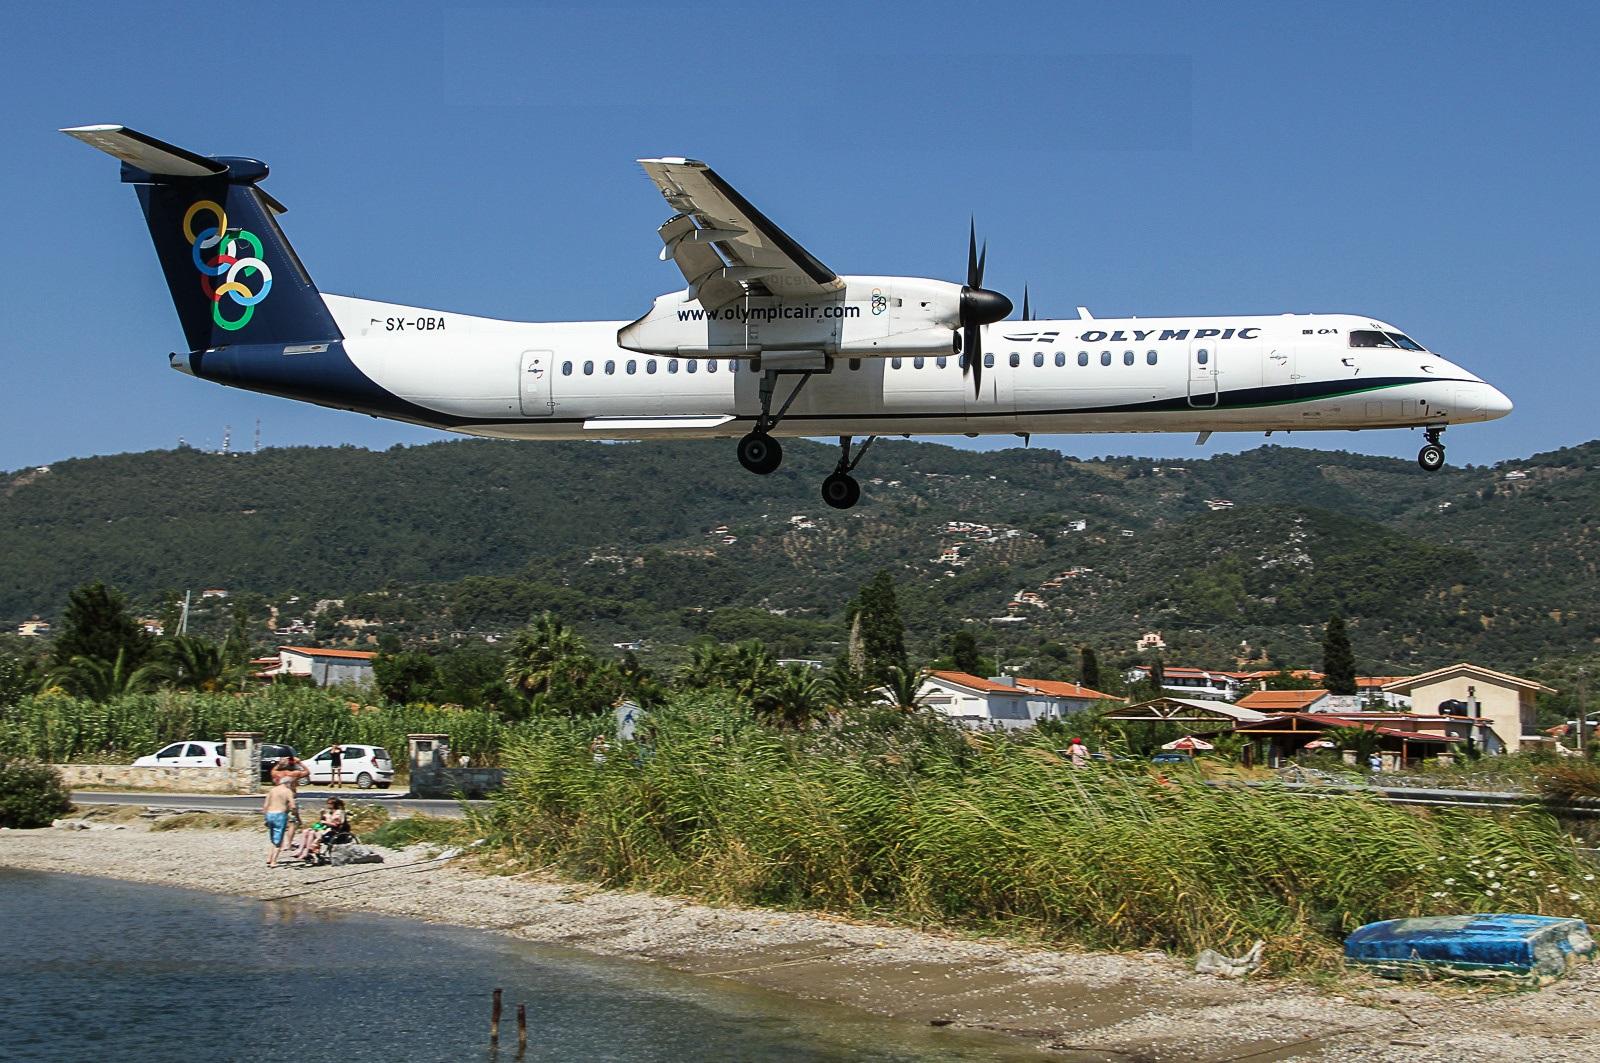 Посадка самолета в одном из греческих аэропортов